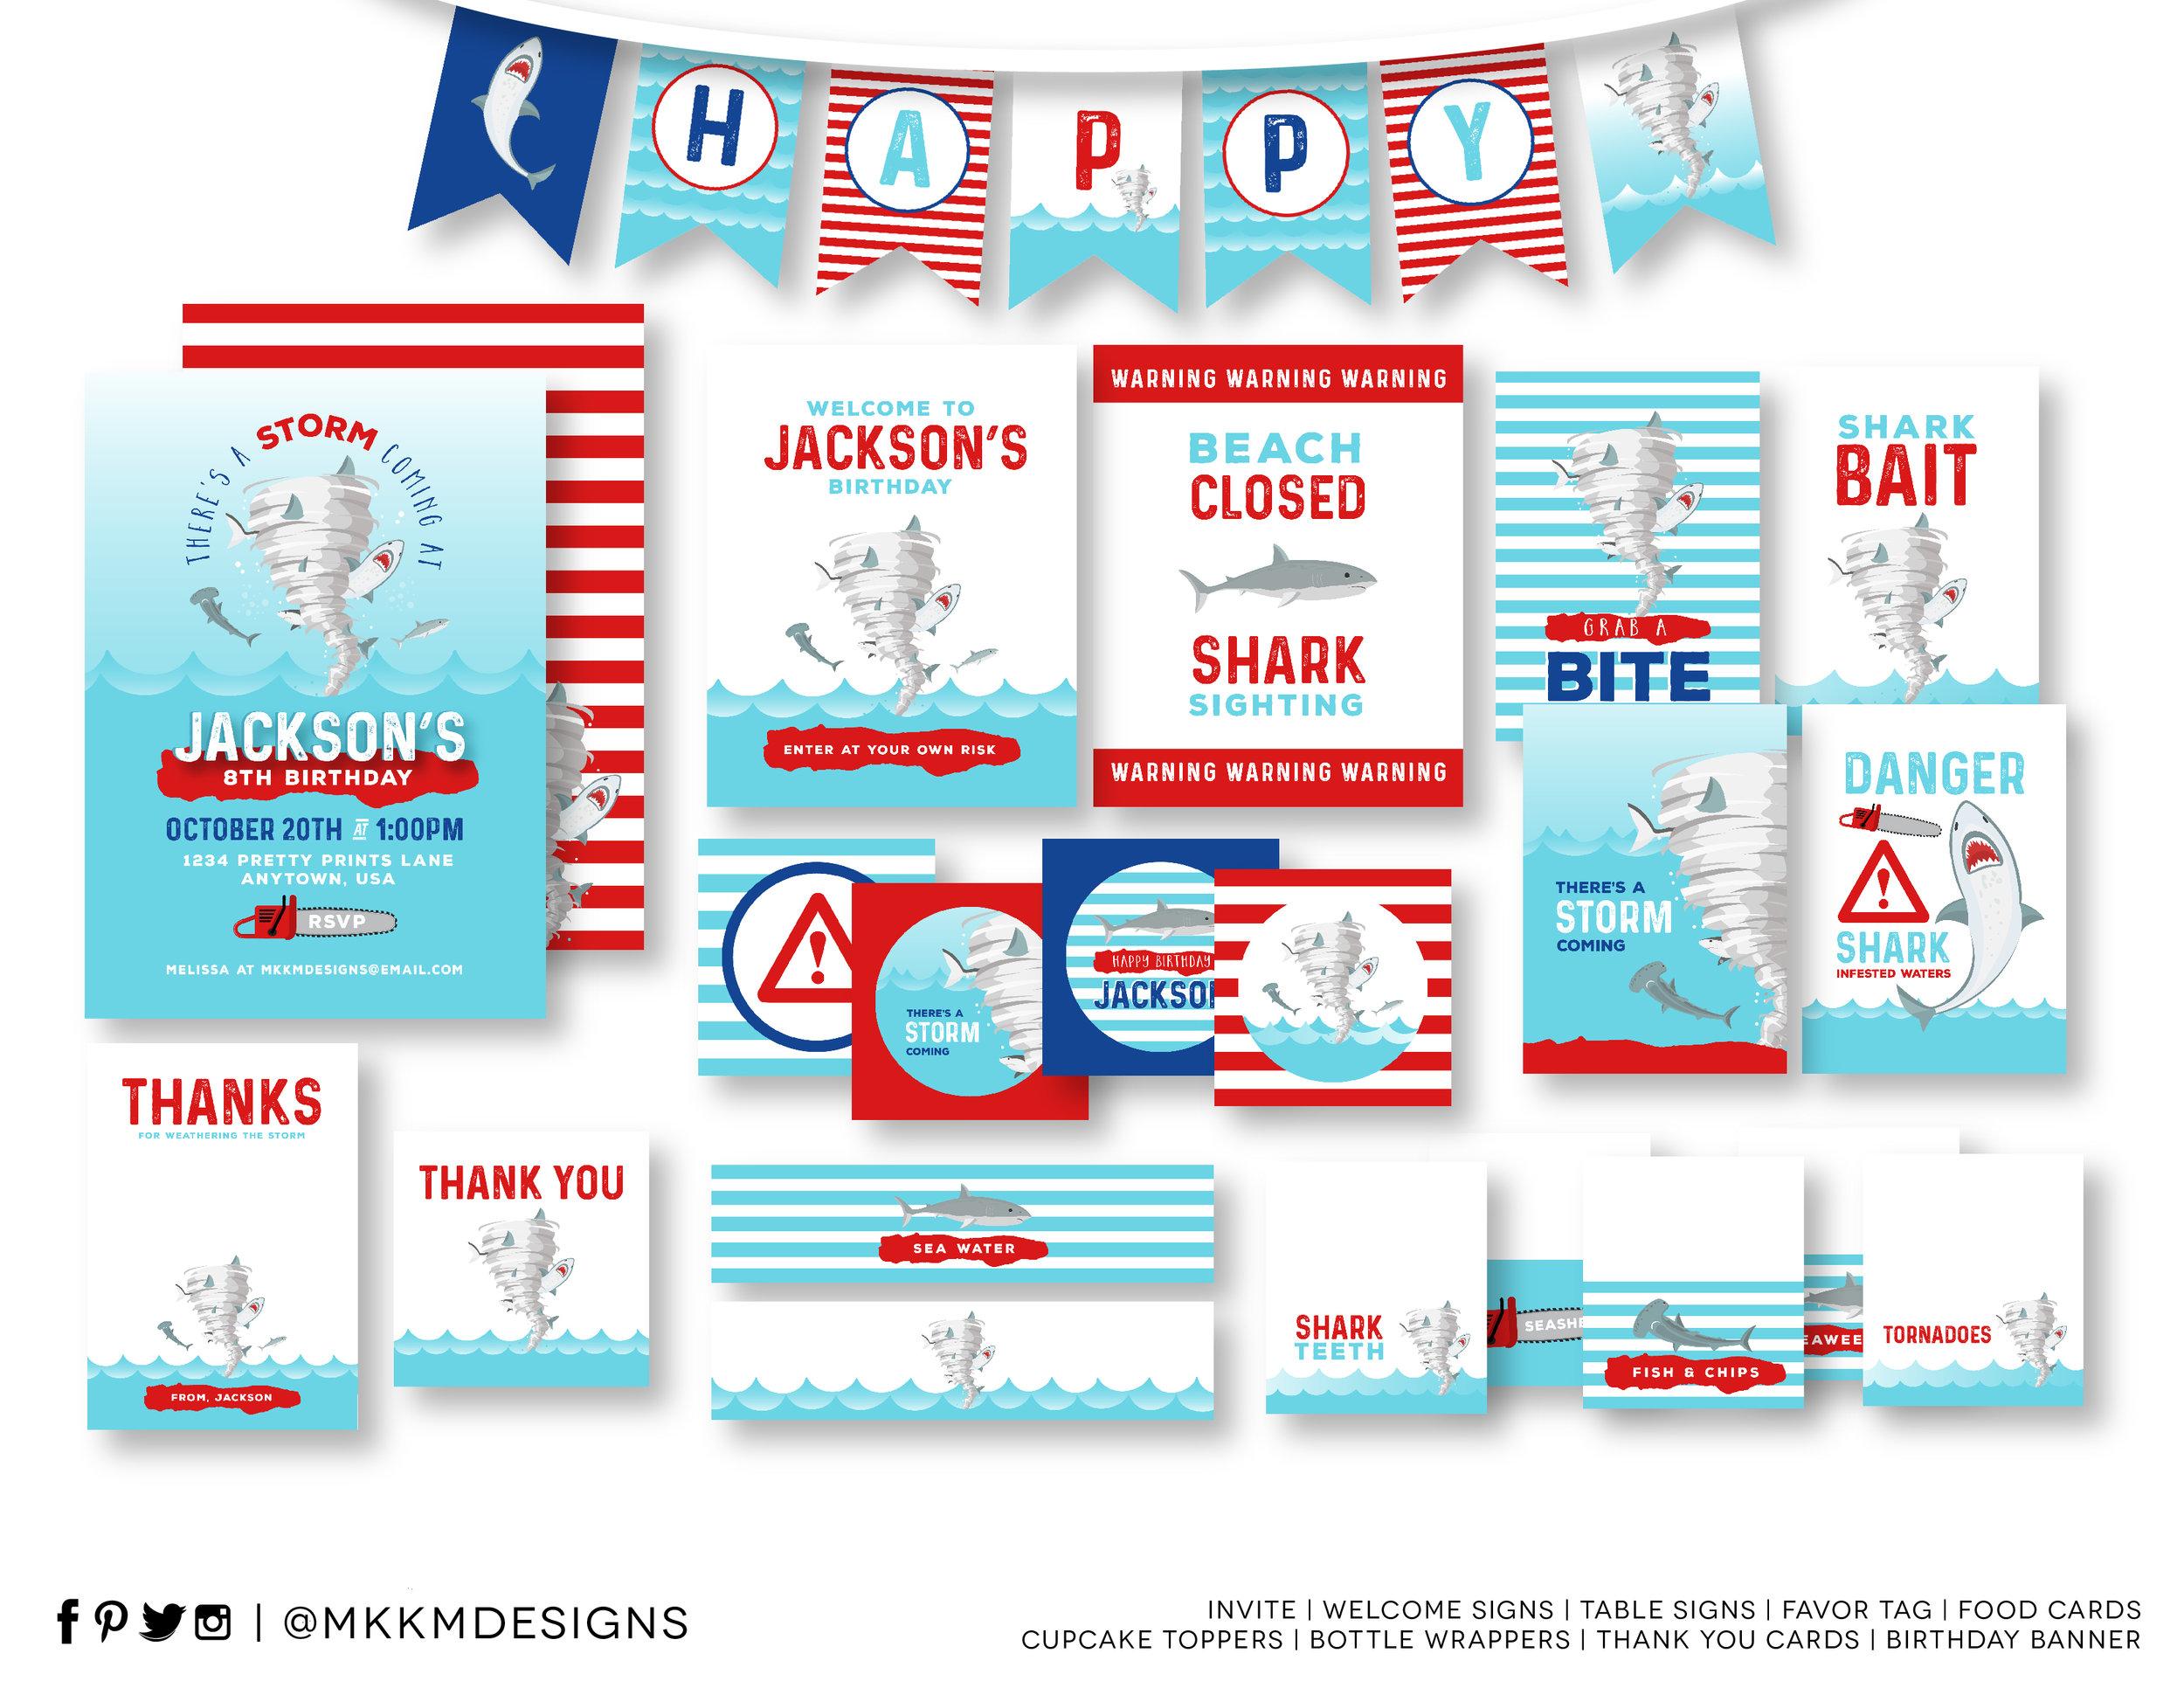 Sharknado Birthday Party Kit - Boy Birthday Party Ideas // mkkmdesigns